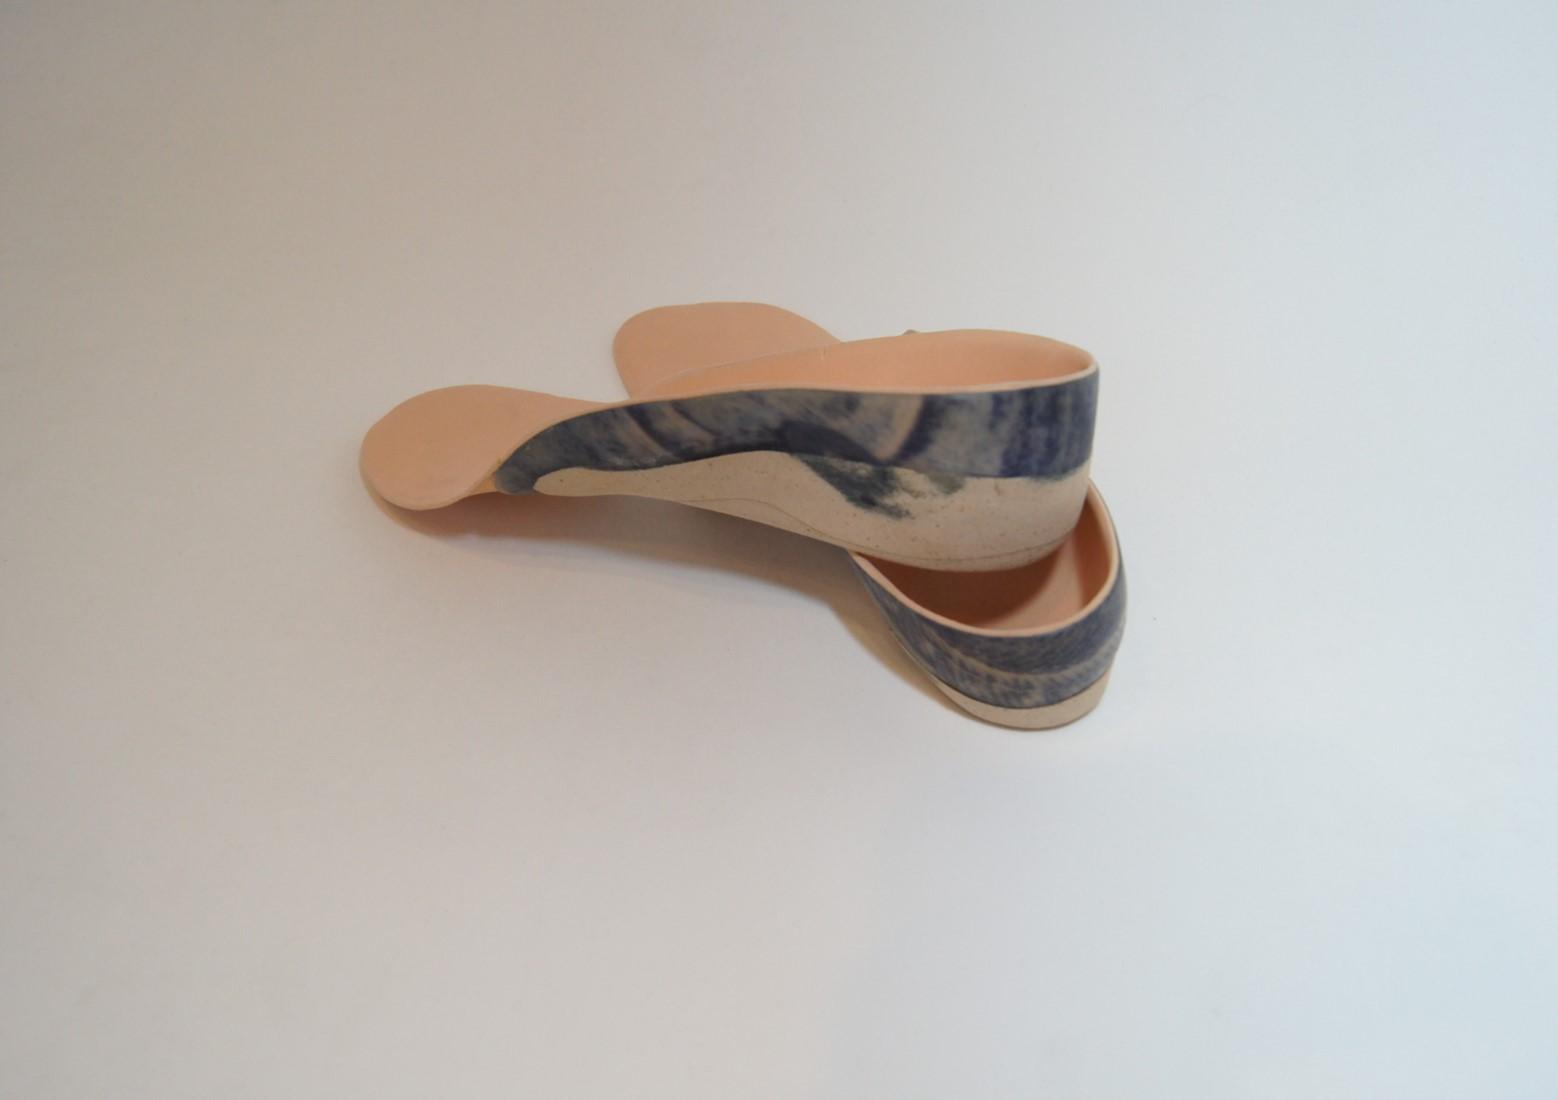 wkładki ortopedyczne, wkładki odciążające, wkładki do butów, Proteza kosmetyczna palców, Protetica, Łódź, Zagajnikowa 35, poradnia protetyczna